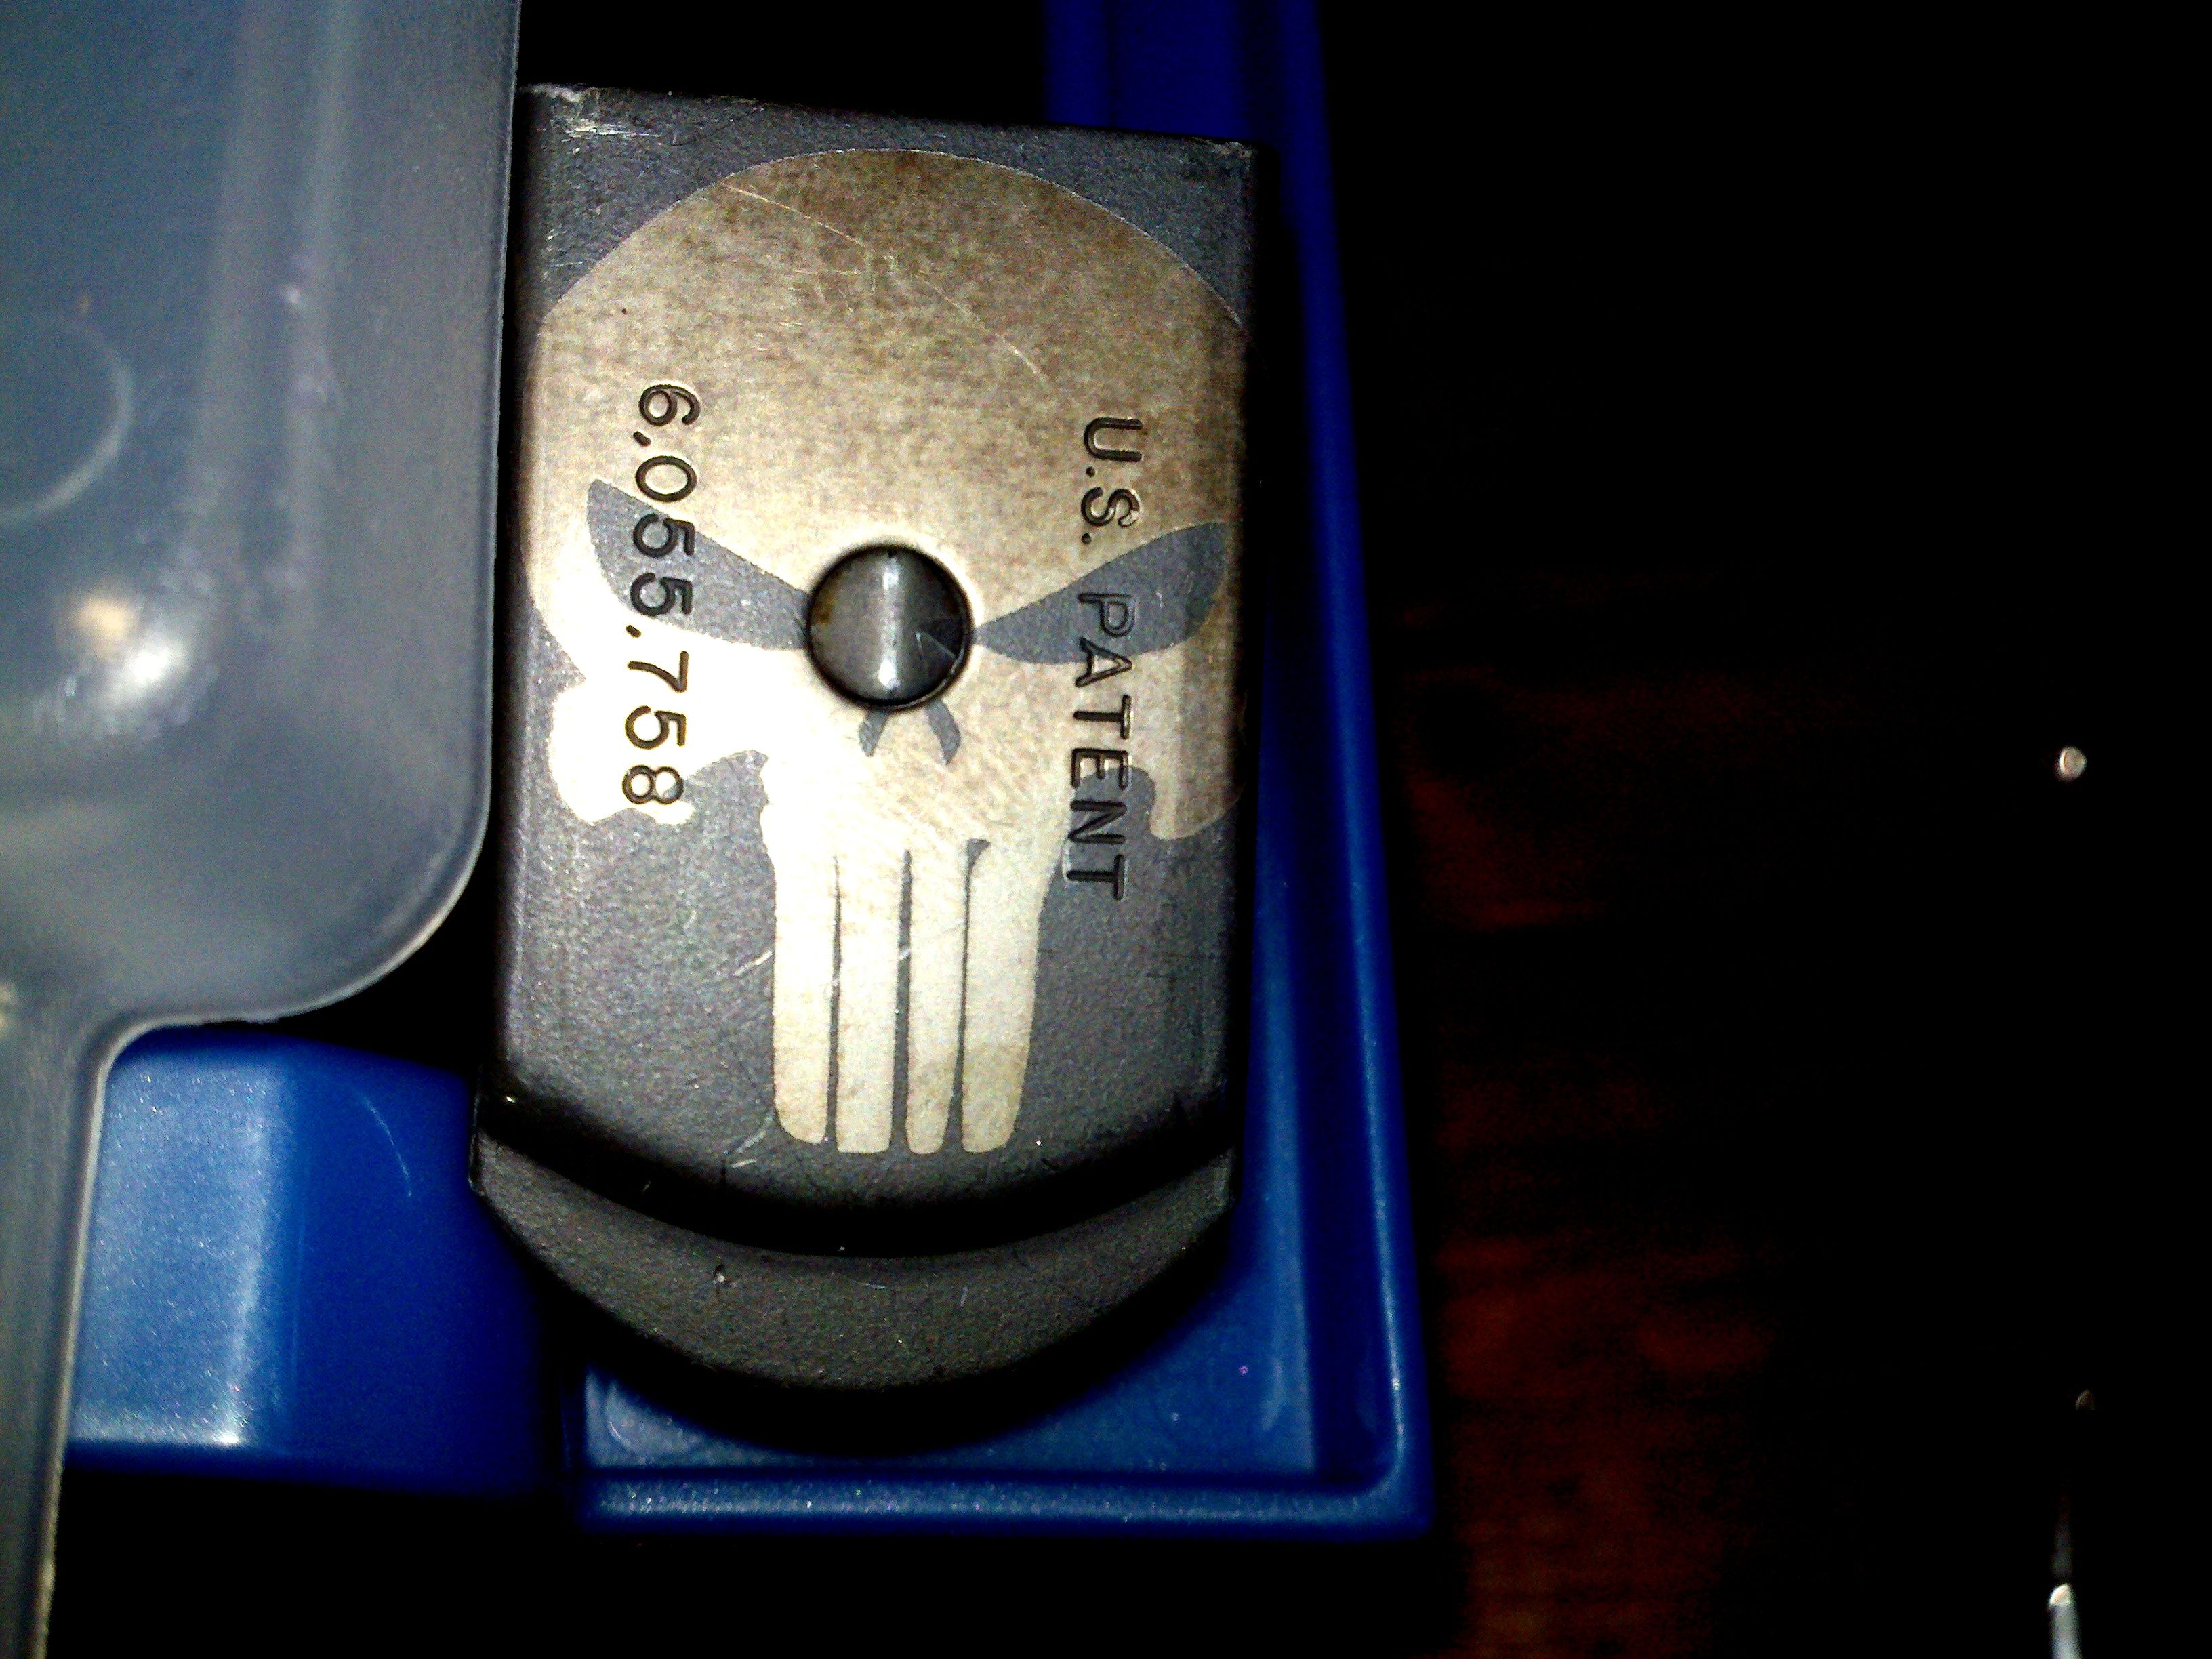 Laser Engraved Magazine   Firearm Laser Engraving   Laser ...